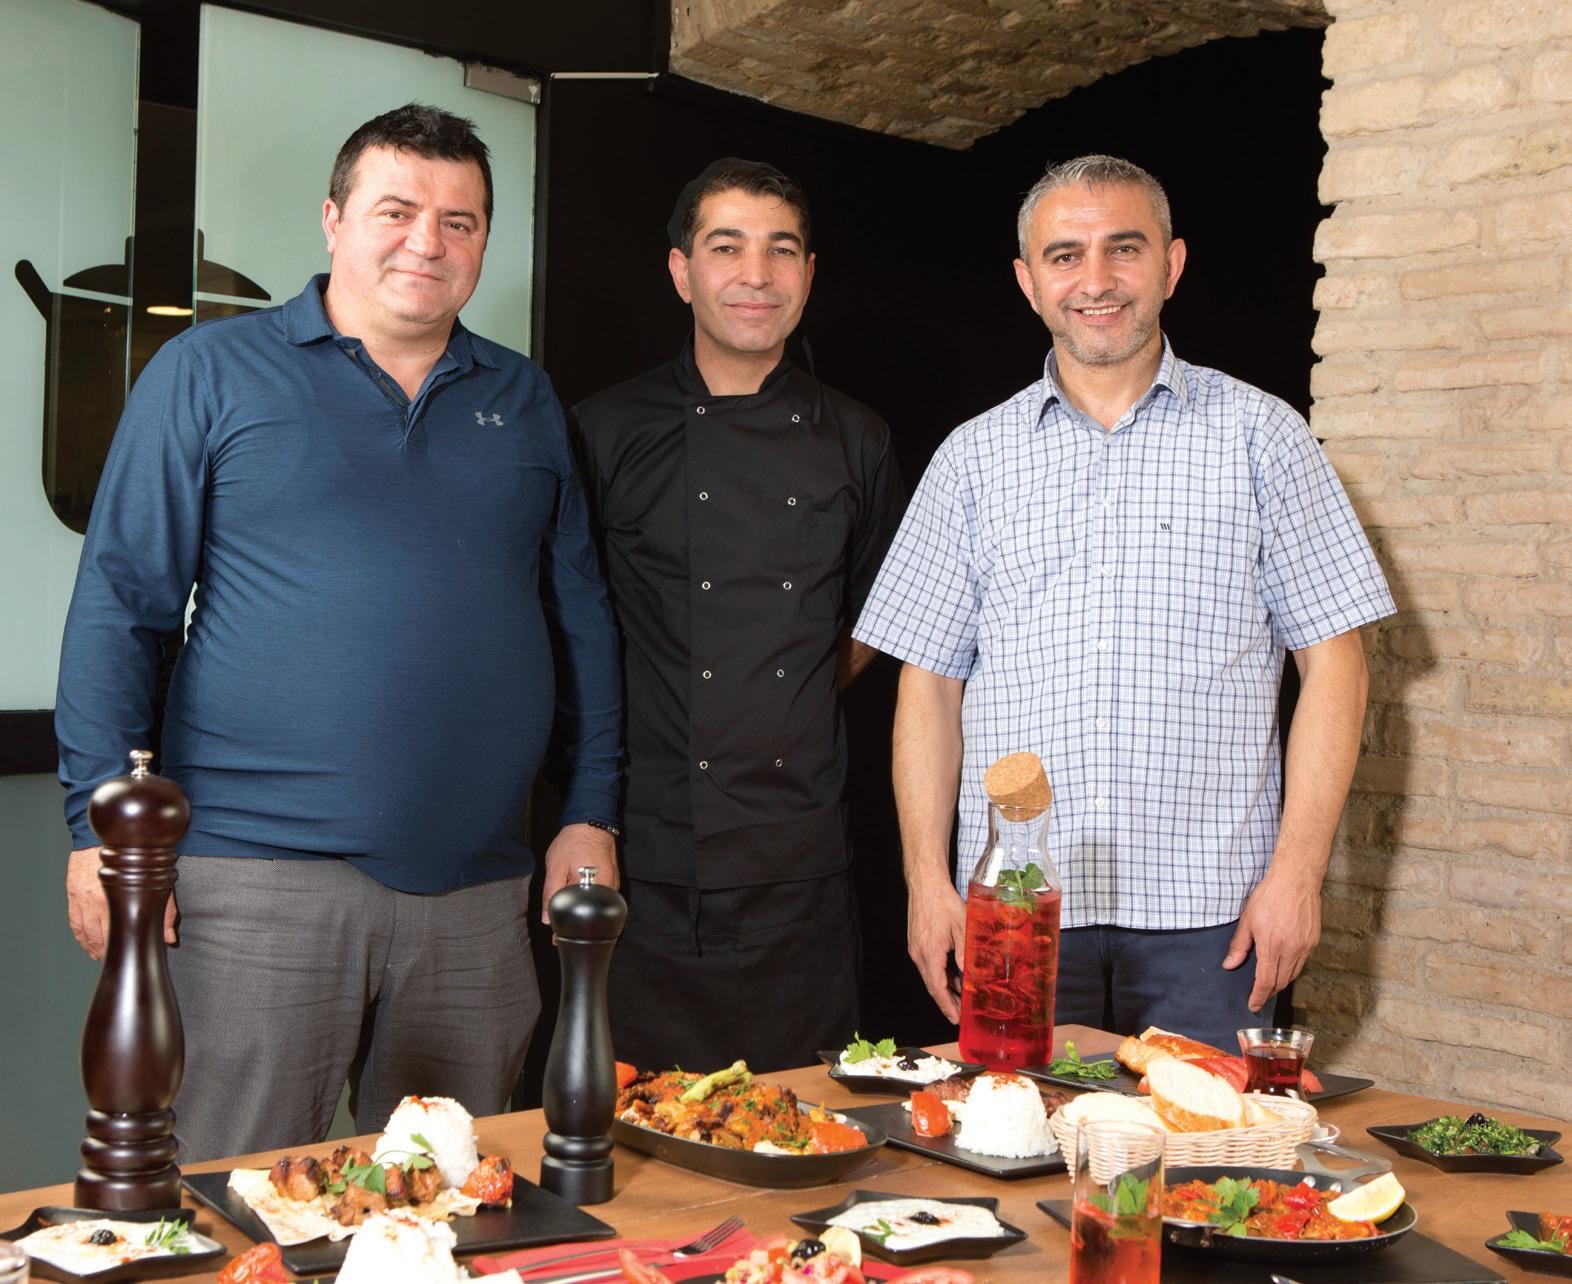 Iš kairės restorano vadovo verslo partneris Nadiras Nadi Yildirimas, virtuvės šefas Michaelis Yilmazas (centre) ir restorano vadovas Ersanas Karaoglanas